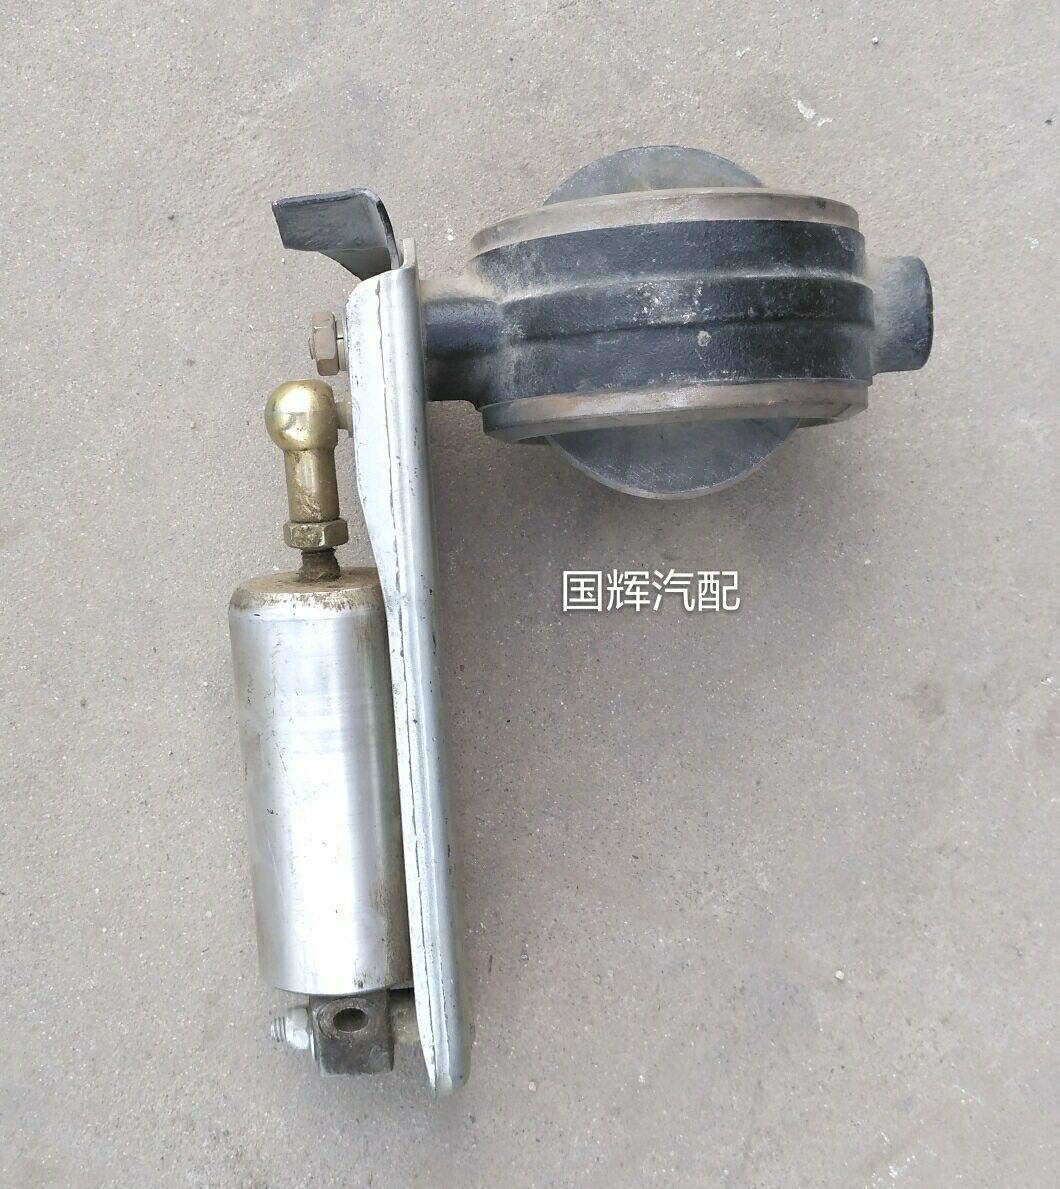 德龙/欧曼etx 发动机排气制动废气制动阀内孔(100)(竖板)图片